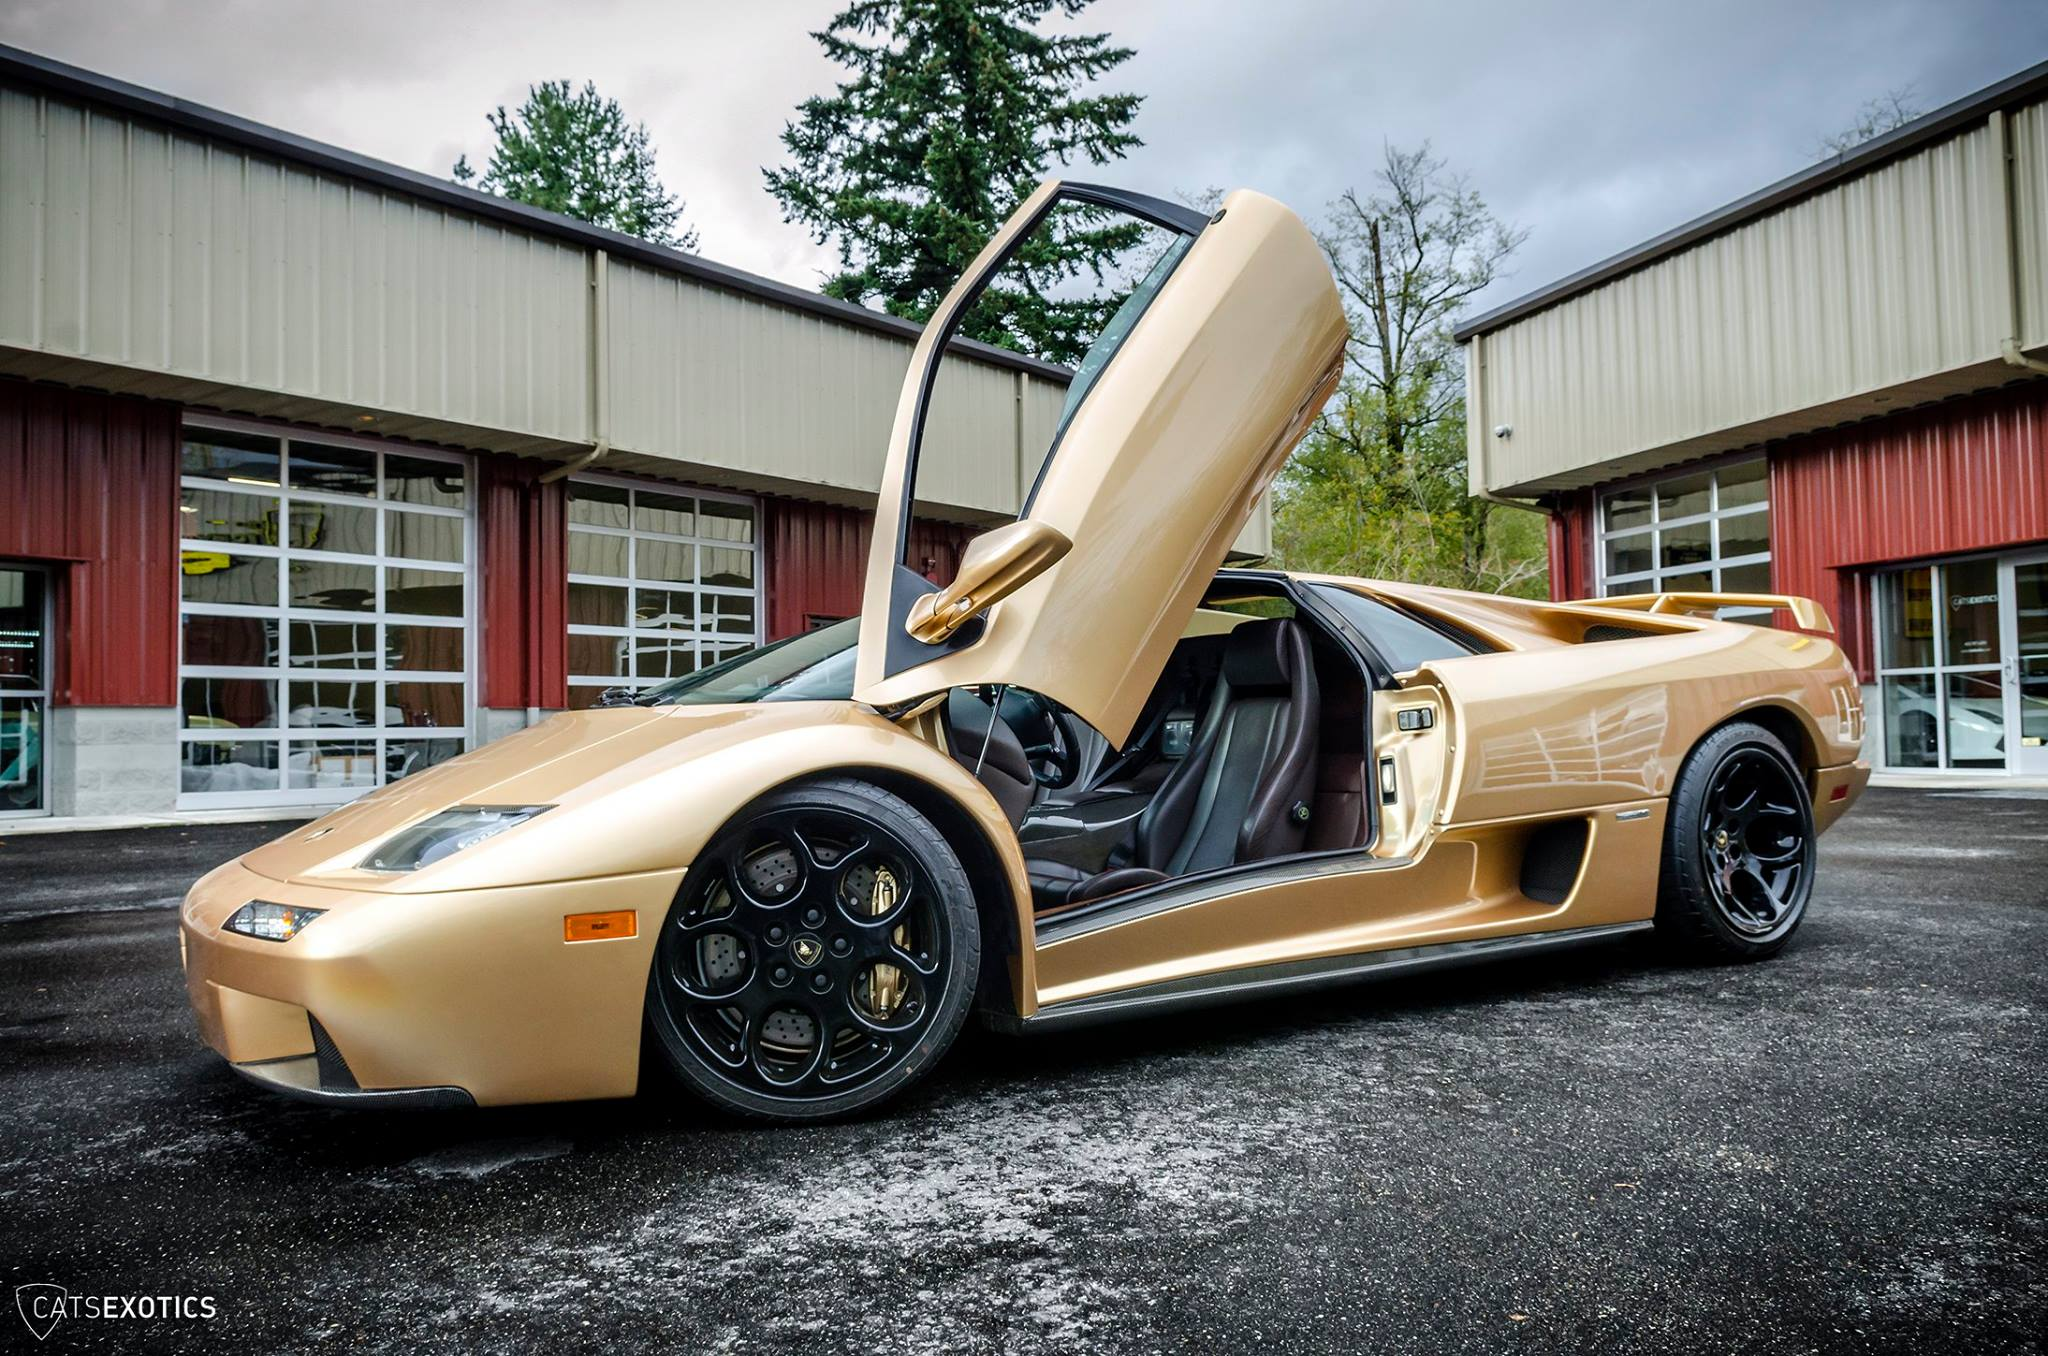 For Sale: Rare 2001 Lamborghini Diablo 6.0 SE #12 of 42